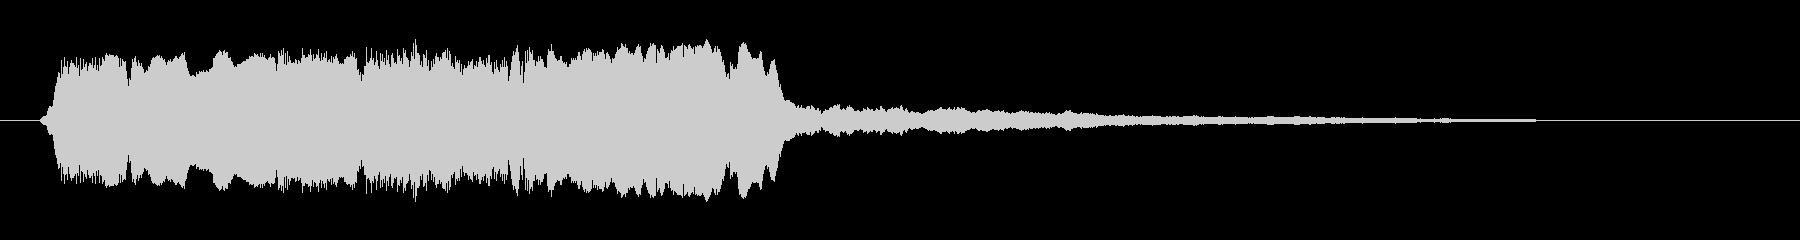 エスニック楽器の笛でワンフレーズジングルの未再生の波形